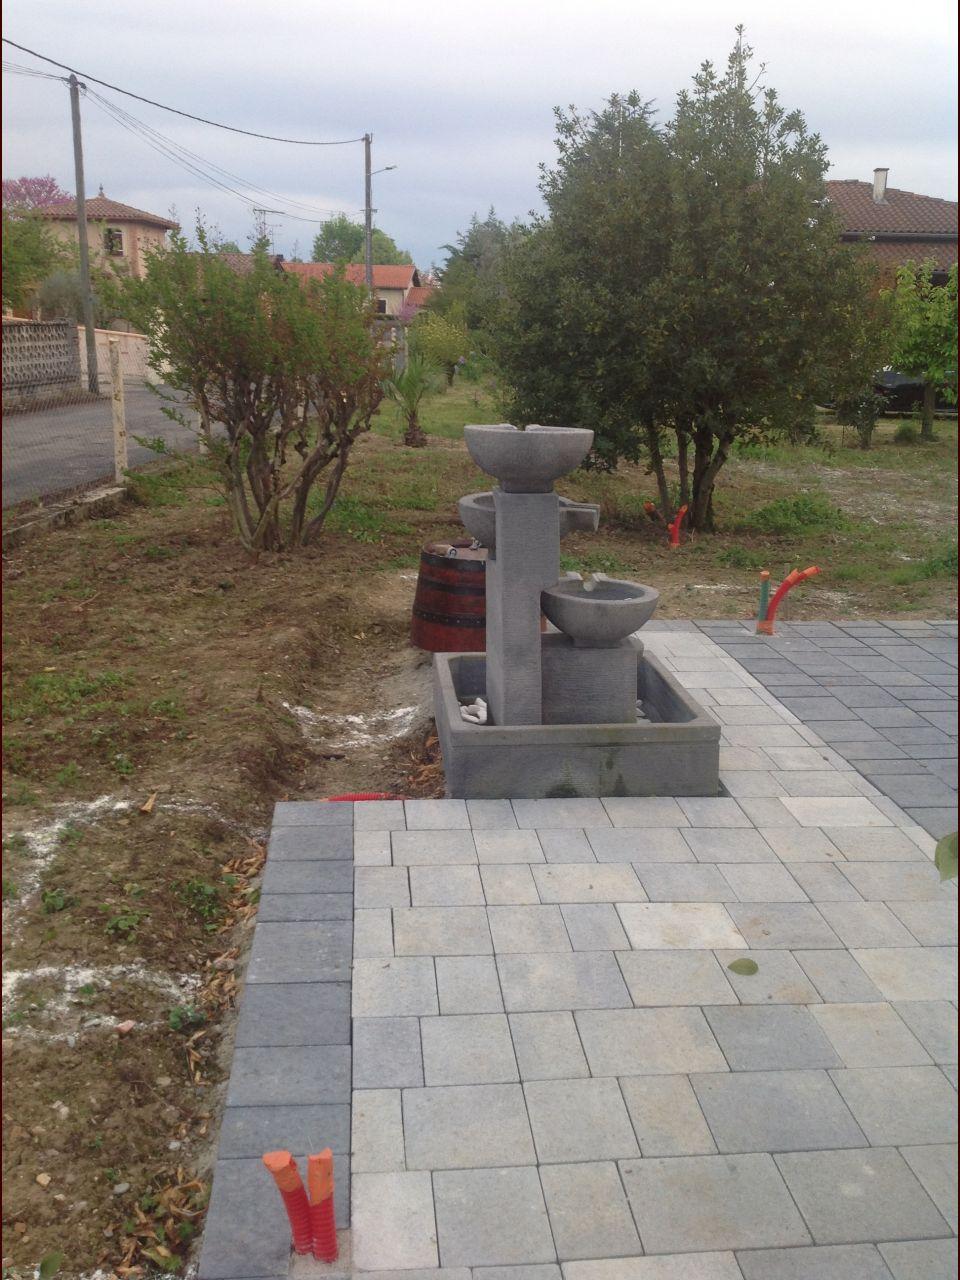 Notre terrasse en pavés avec la fontaine à débordement